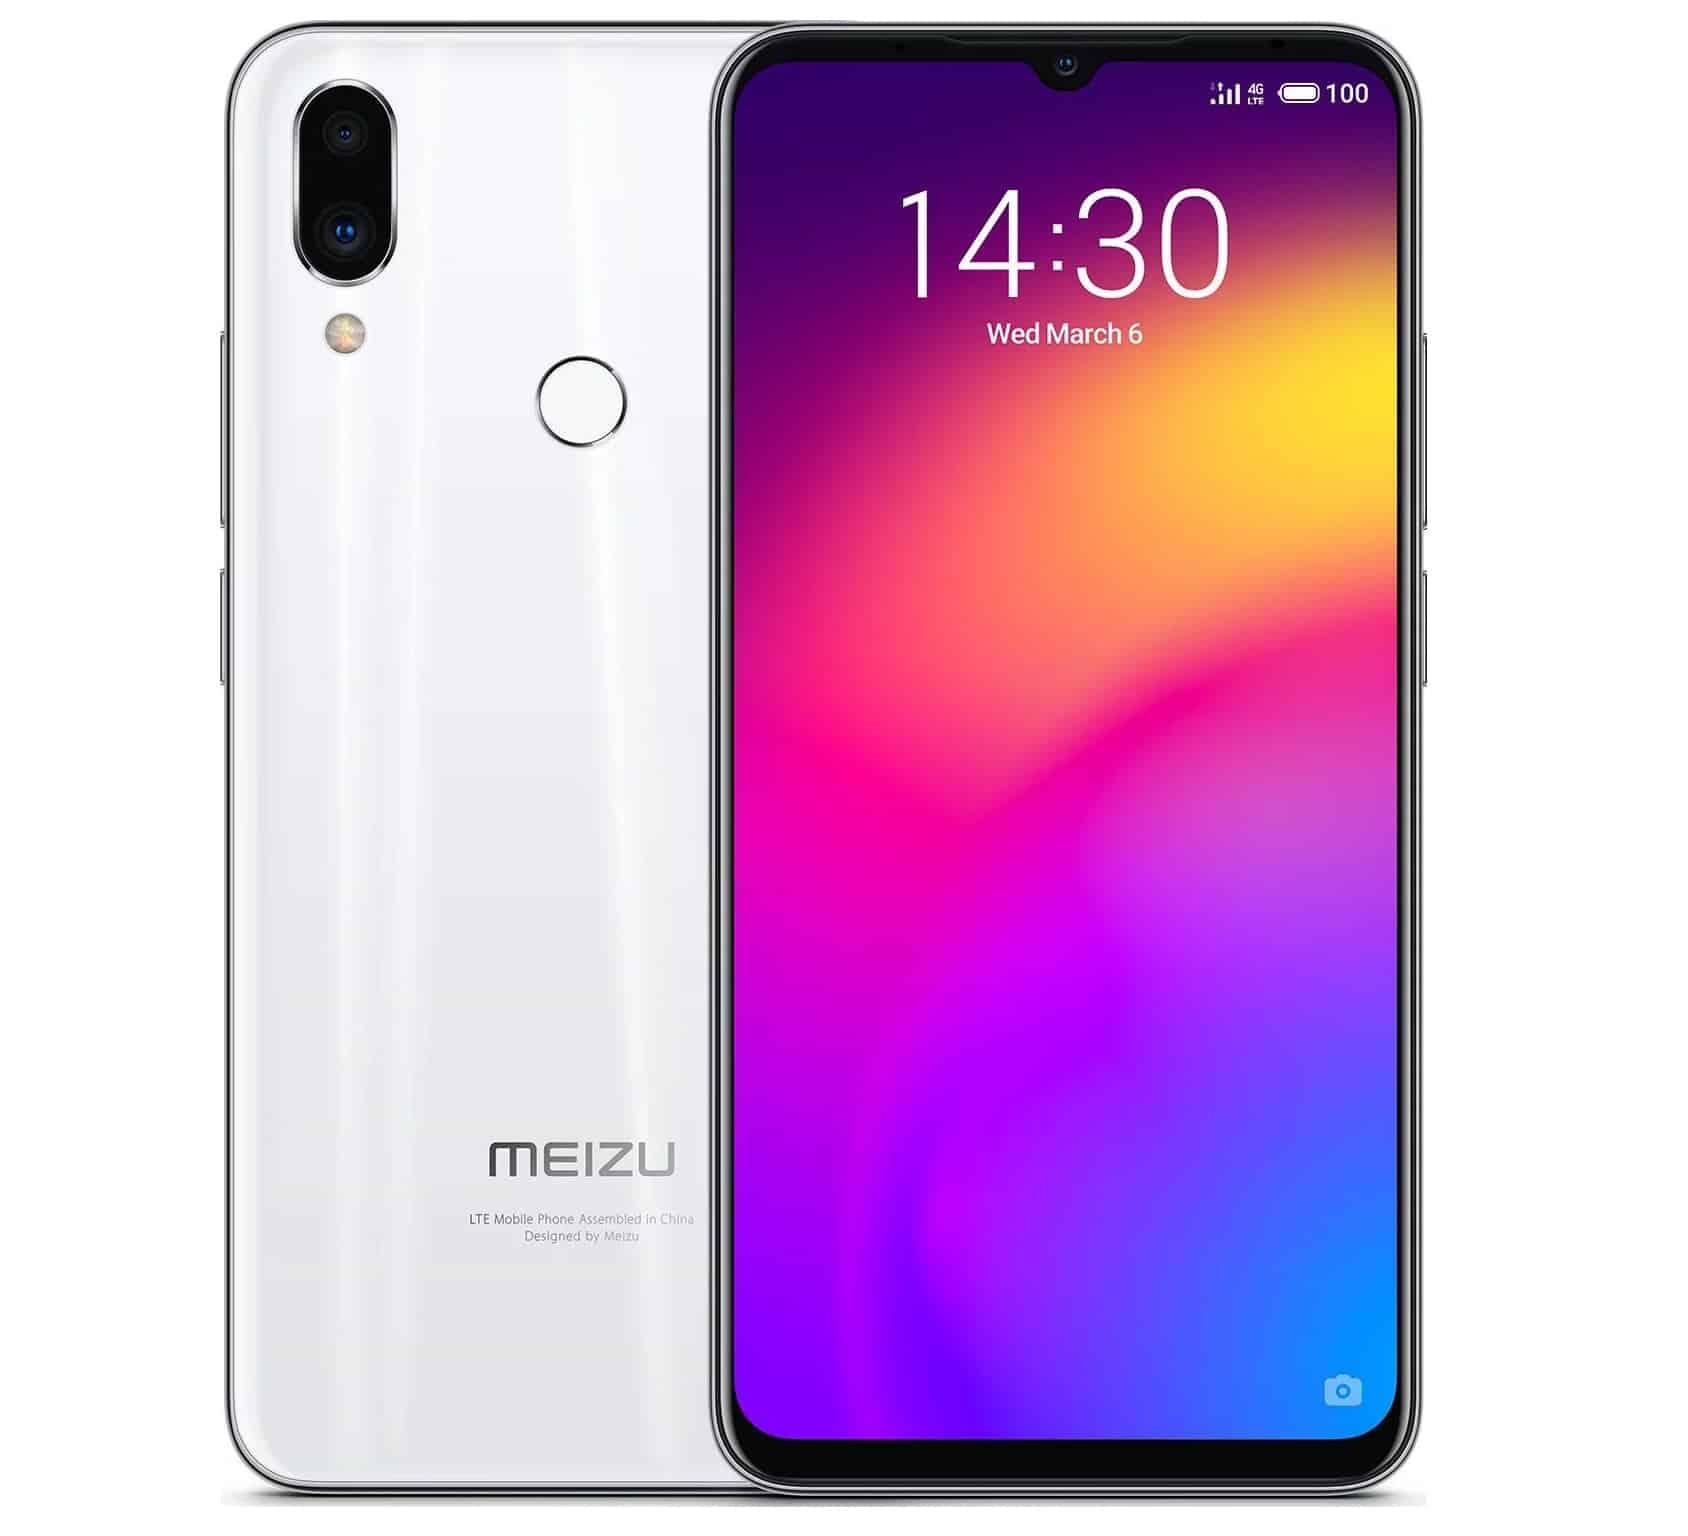 c031d63205c16 Рейтинг смартфонов 2019 (Июль) цена качество.